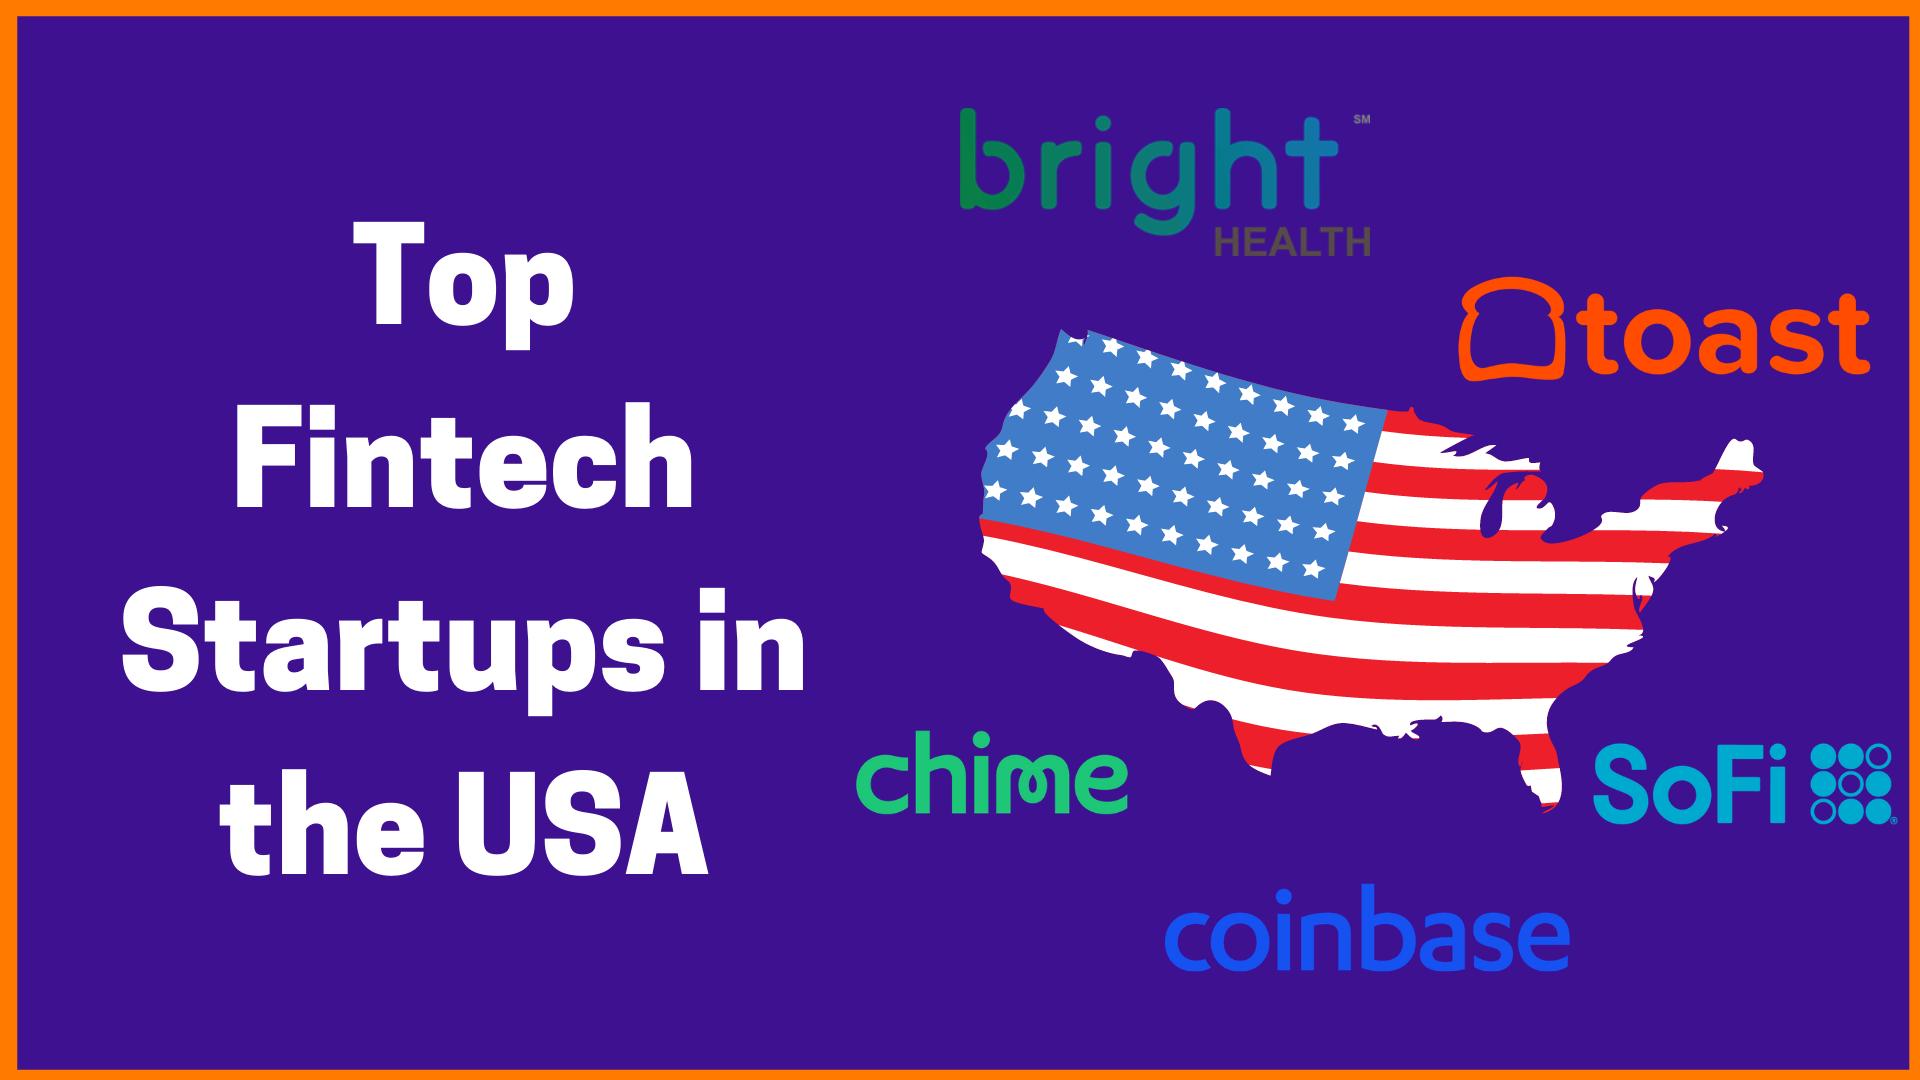 Top Fintech Startups in the USA | 2021 List